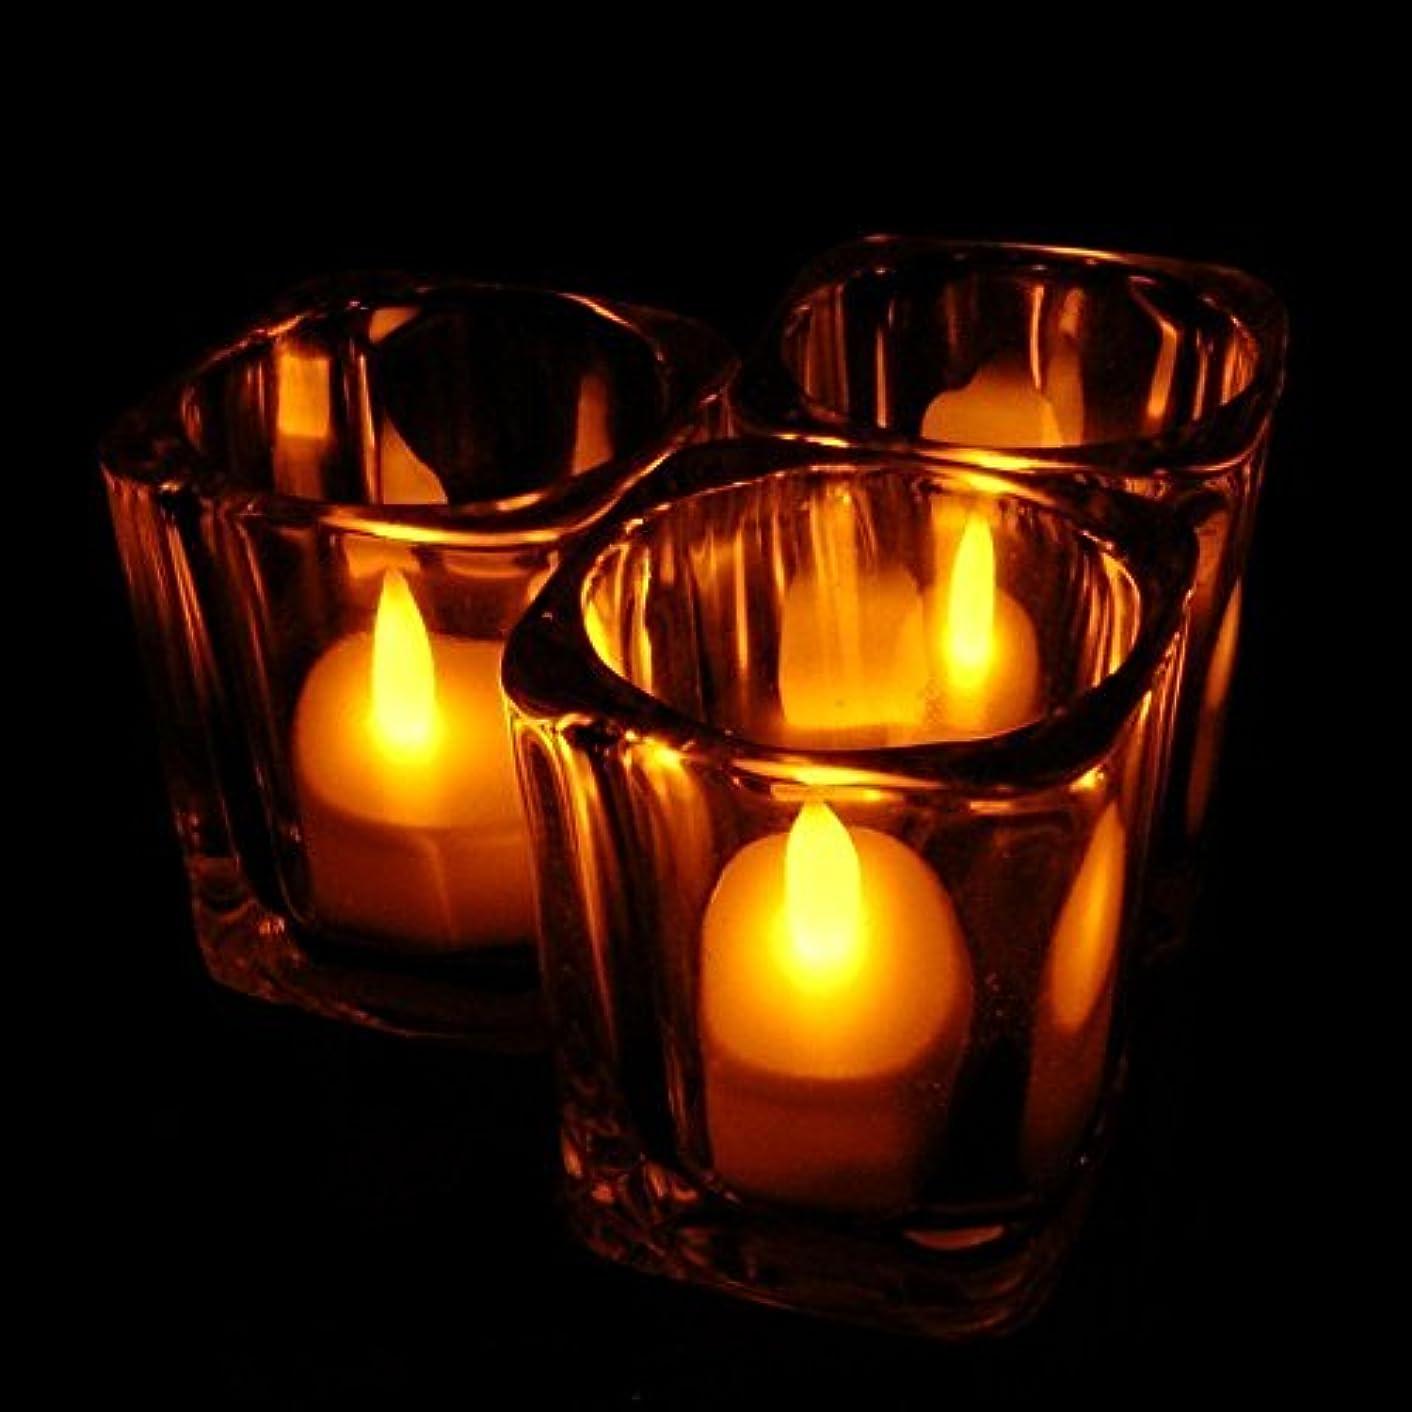 メッセージつなぐダースホット24ピースledティーライトキャンドルhouseholed velas ledバッテリ駆動フレームレスキャンドル教会とホームdecoartionと照明